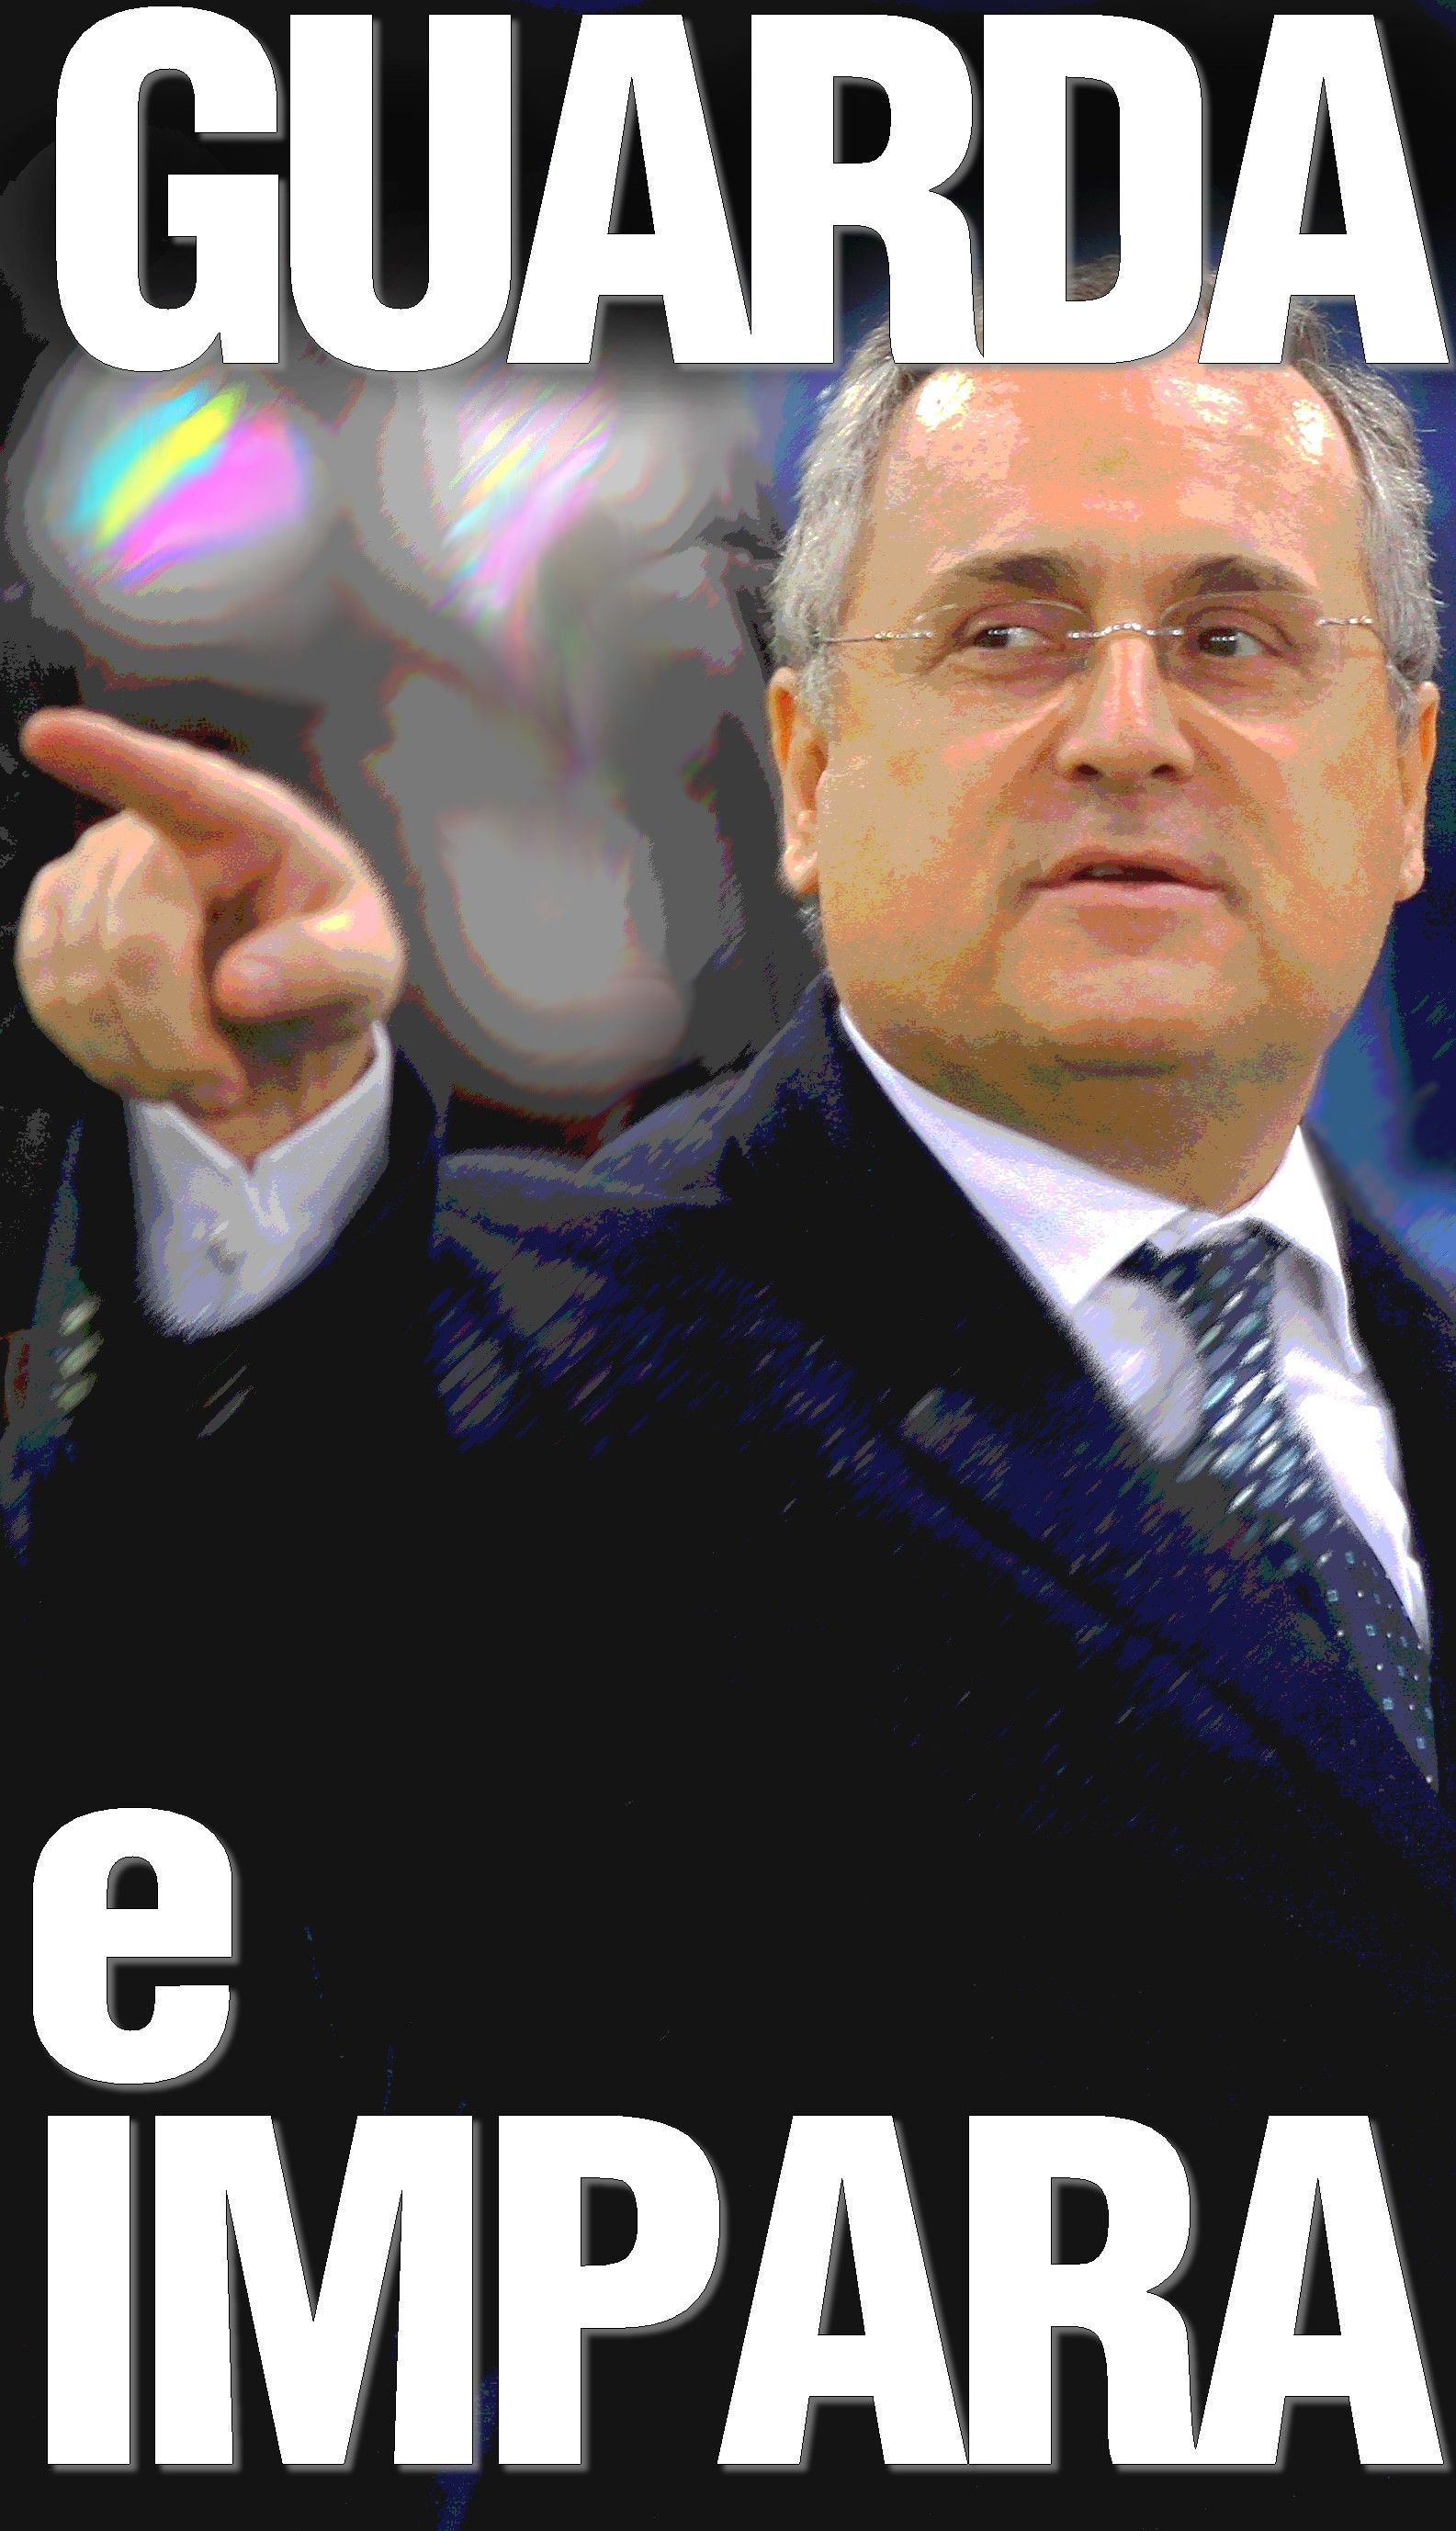 Se certi grandi pensatori del calcio italiano leggi Claudio Lotito cos¬ tanto per tirar fuori un nome a caso riuscissero a realizzare il loro pro to